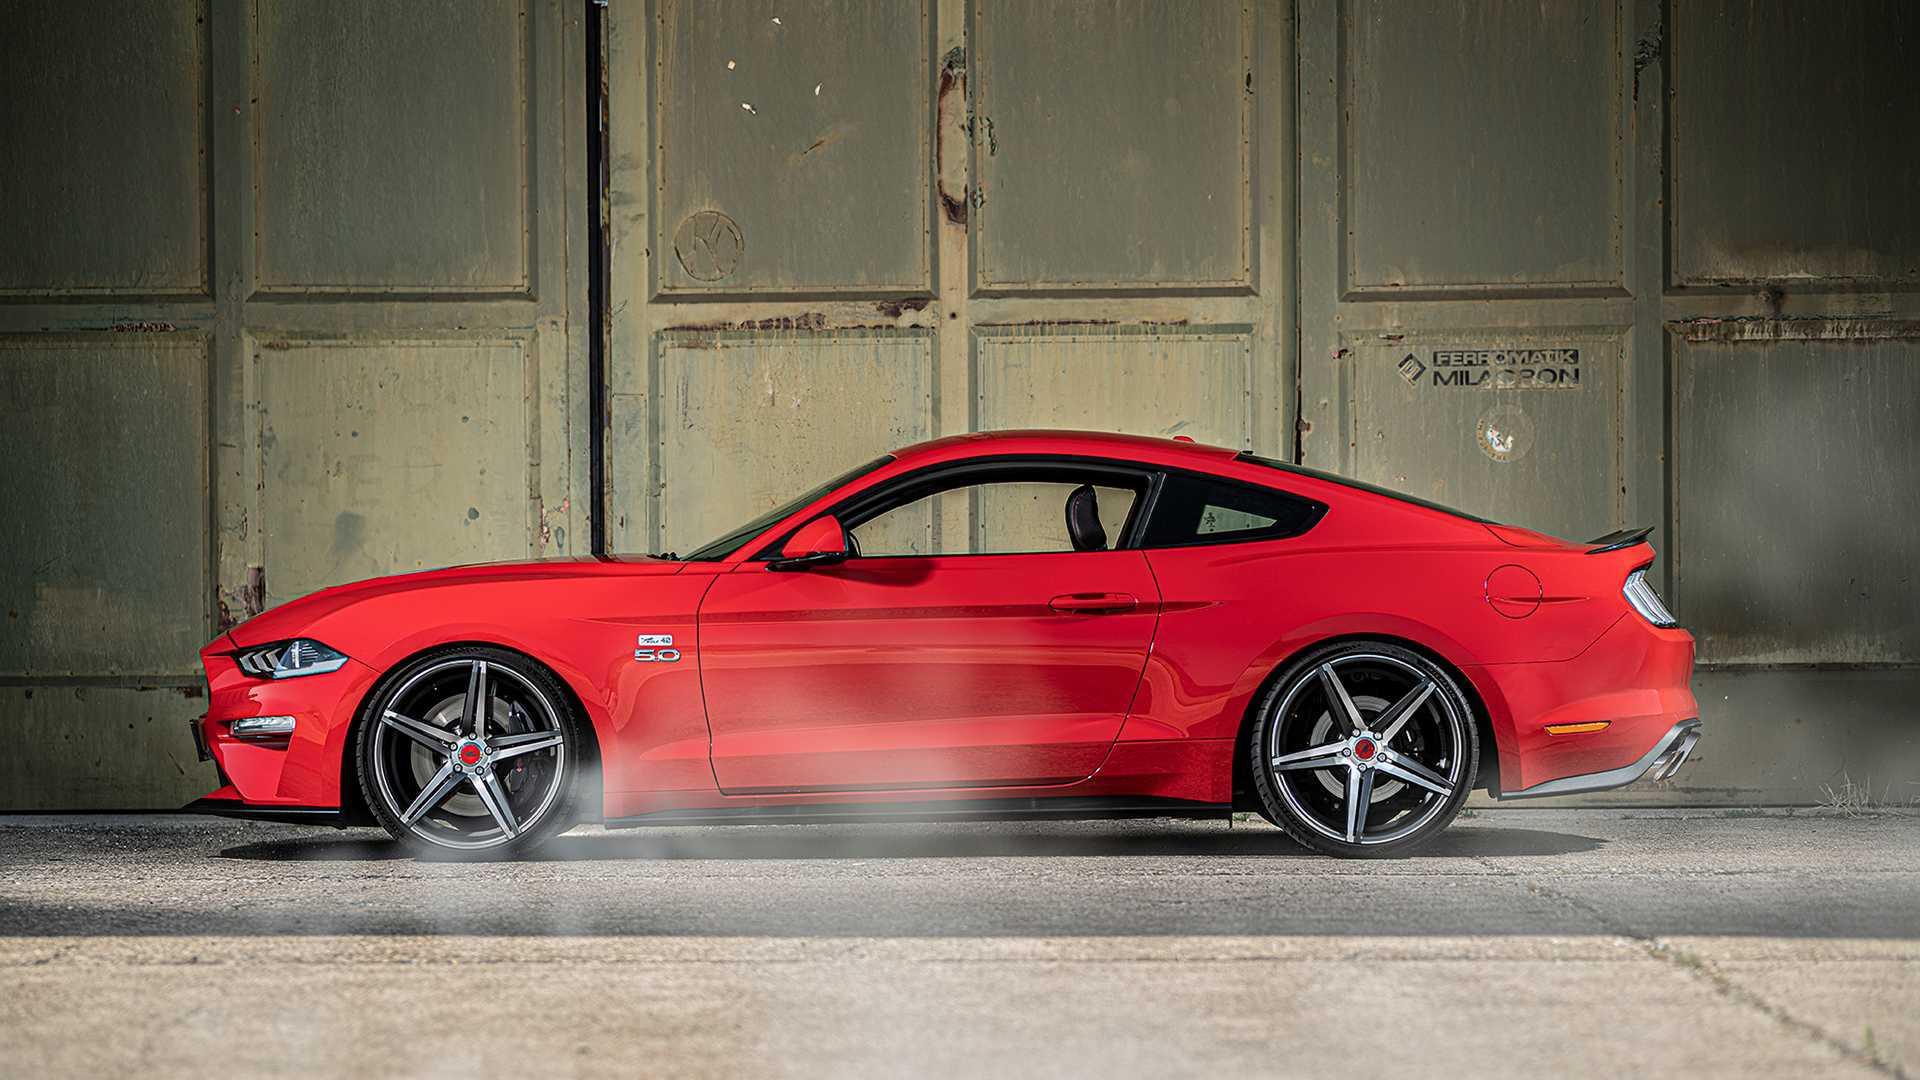 Ford Mustang được nâng cấp với gói độ mạnh mẽ hơn 700 mã lực Ảnh 10